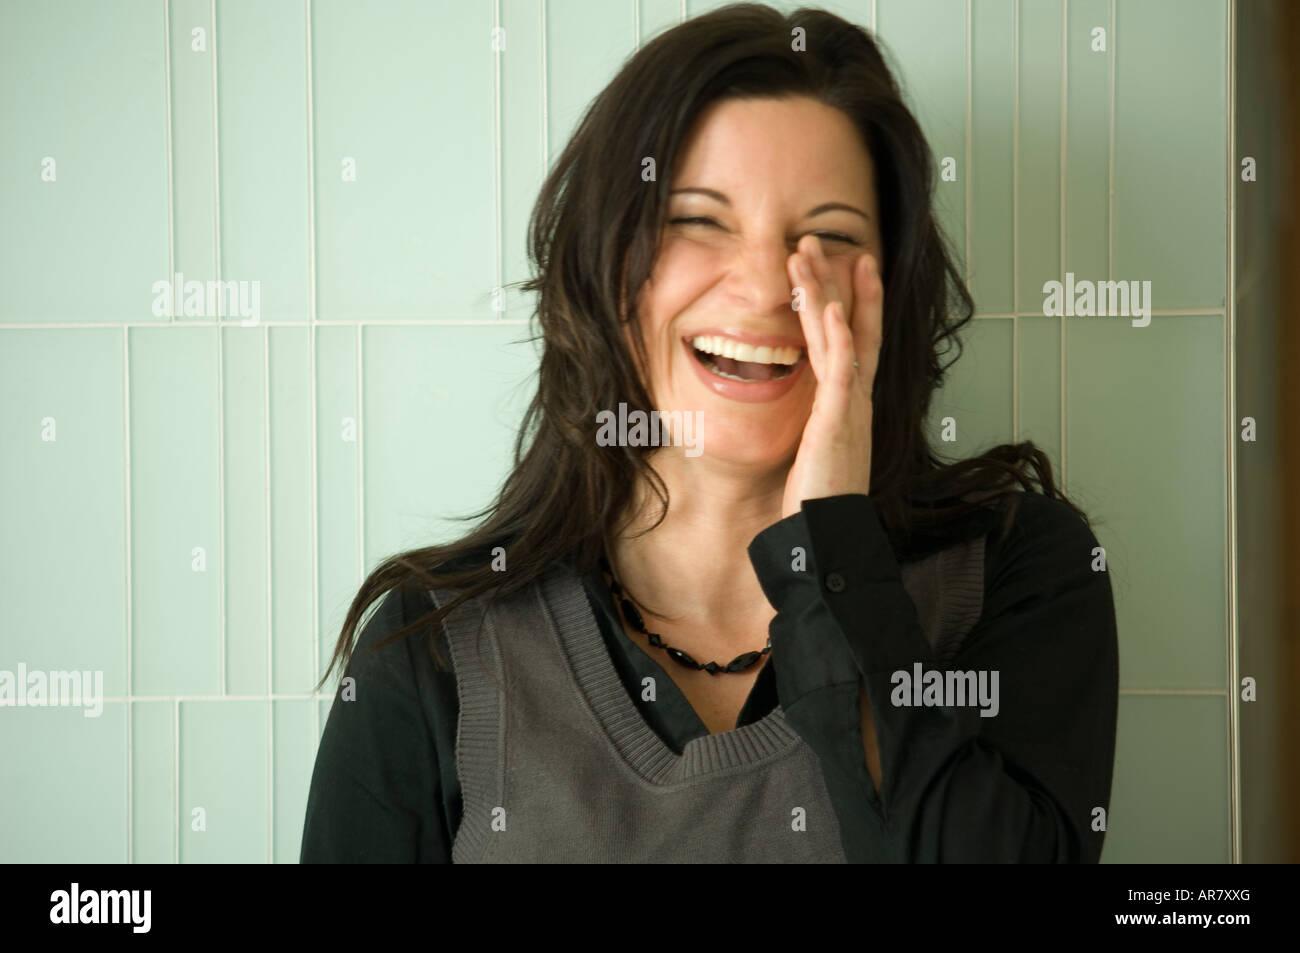 Urbano giovane imprenditrice a ridere. Immagini Stock